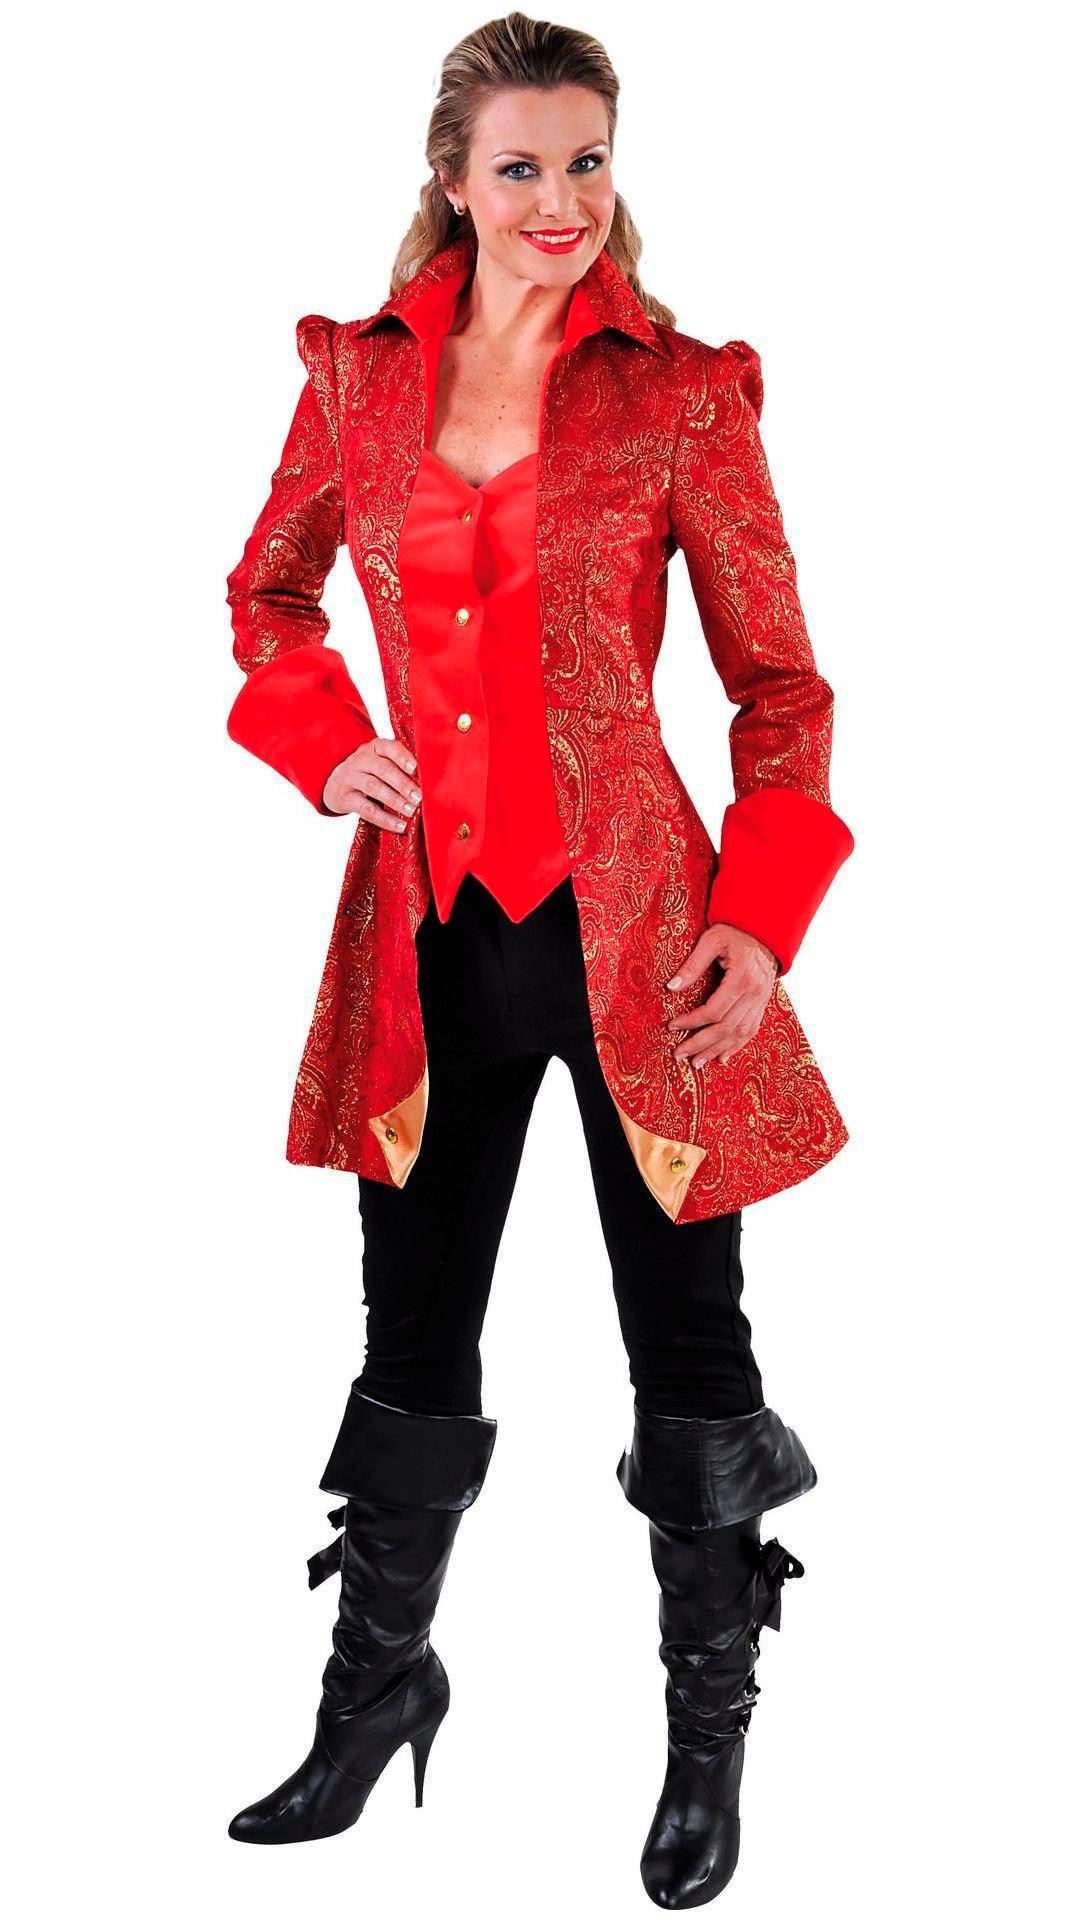 Rode rokjas vrouw